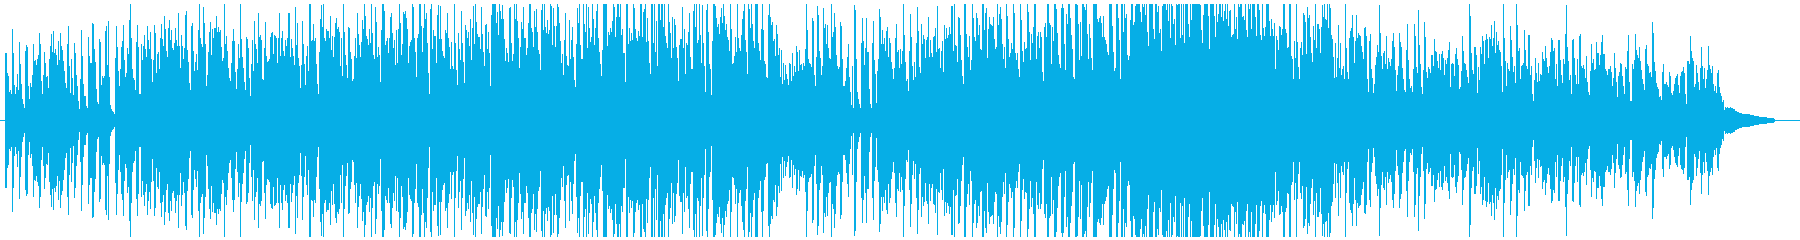 サラサラ ジャズ ドラマチック リ...の再生済みの波形